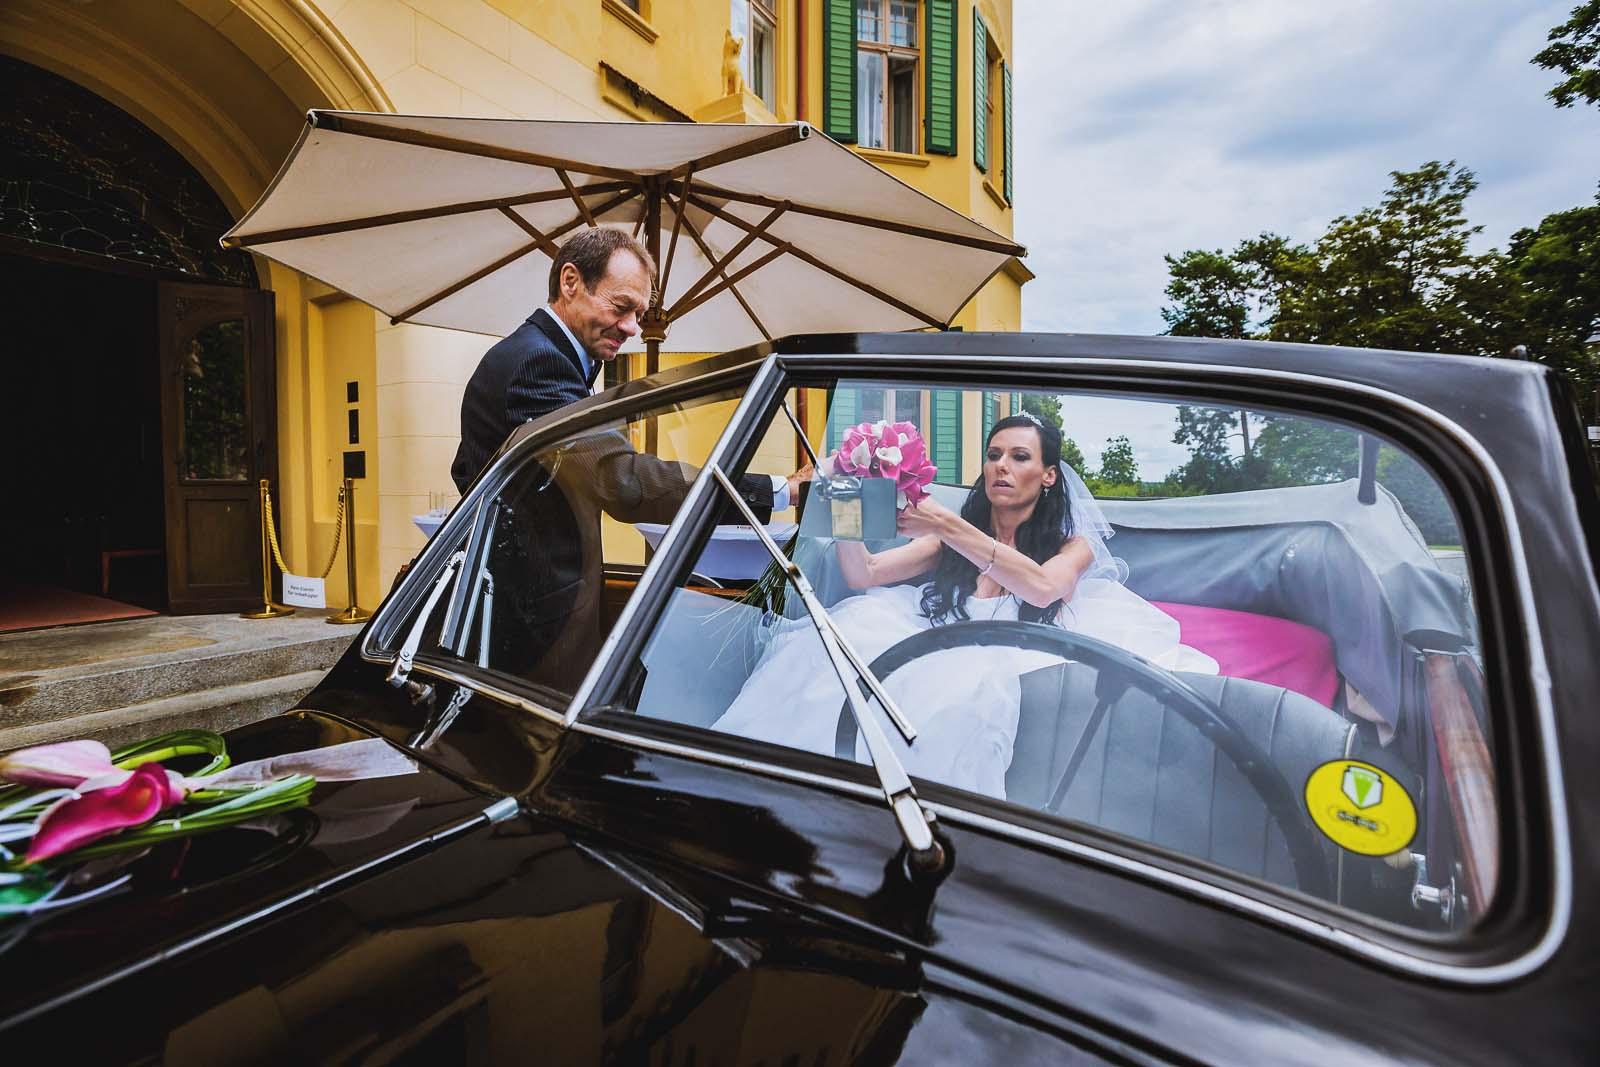 Braut im Hochzeitsauto auf dem Weg zur Hochzeit auf Schloss Hubertushoehe Copyright by Hochzeitsfotograf www.berliner-hochzeitsfotografie.de